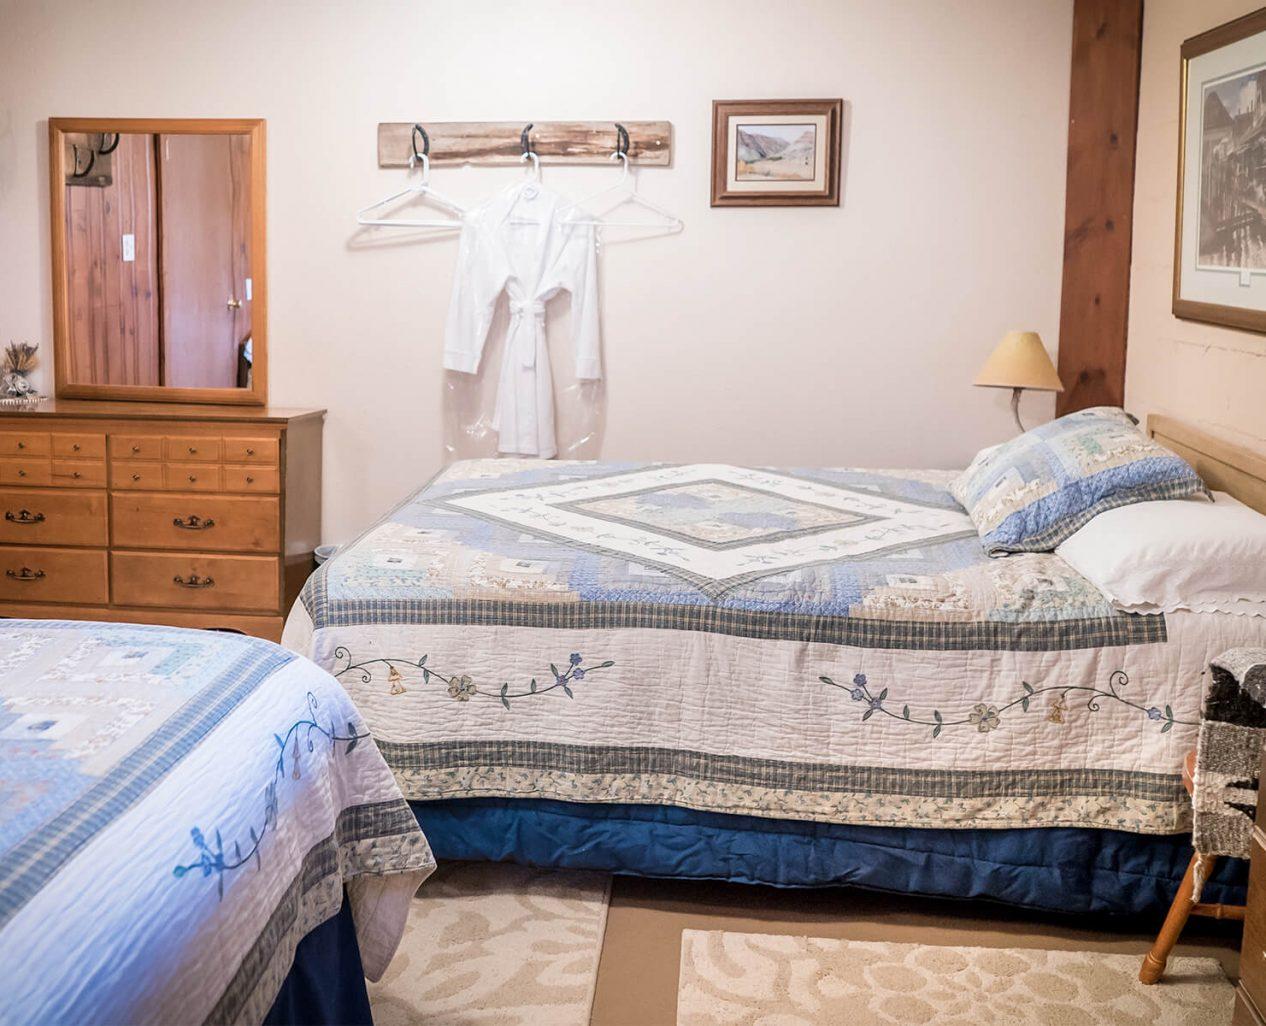 Buckhorn Room beds